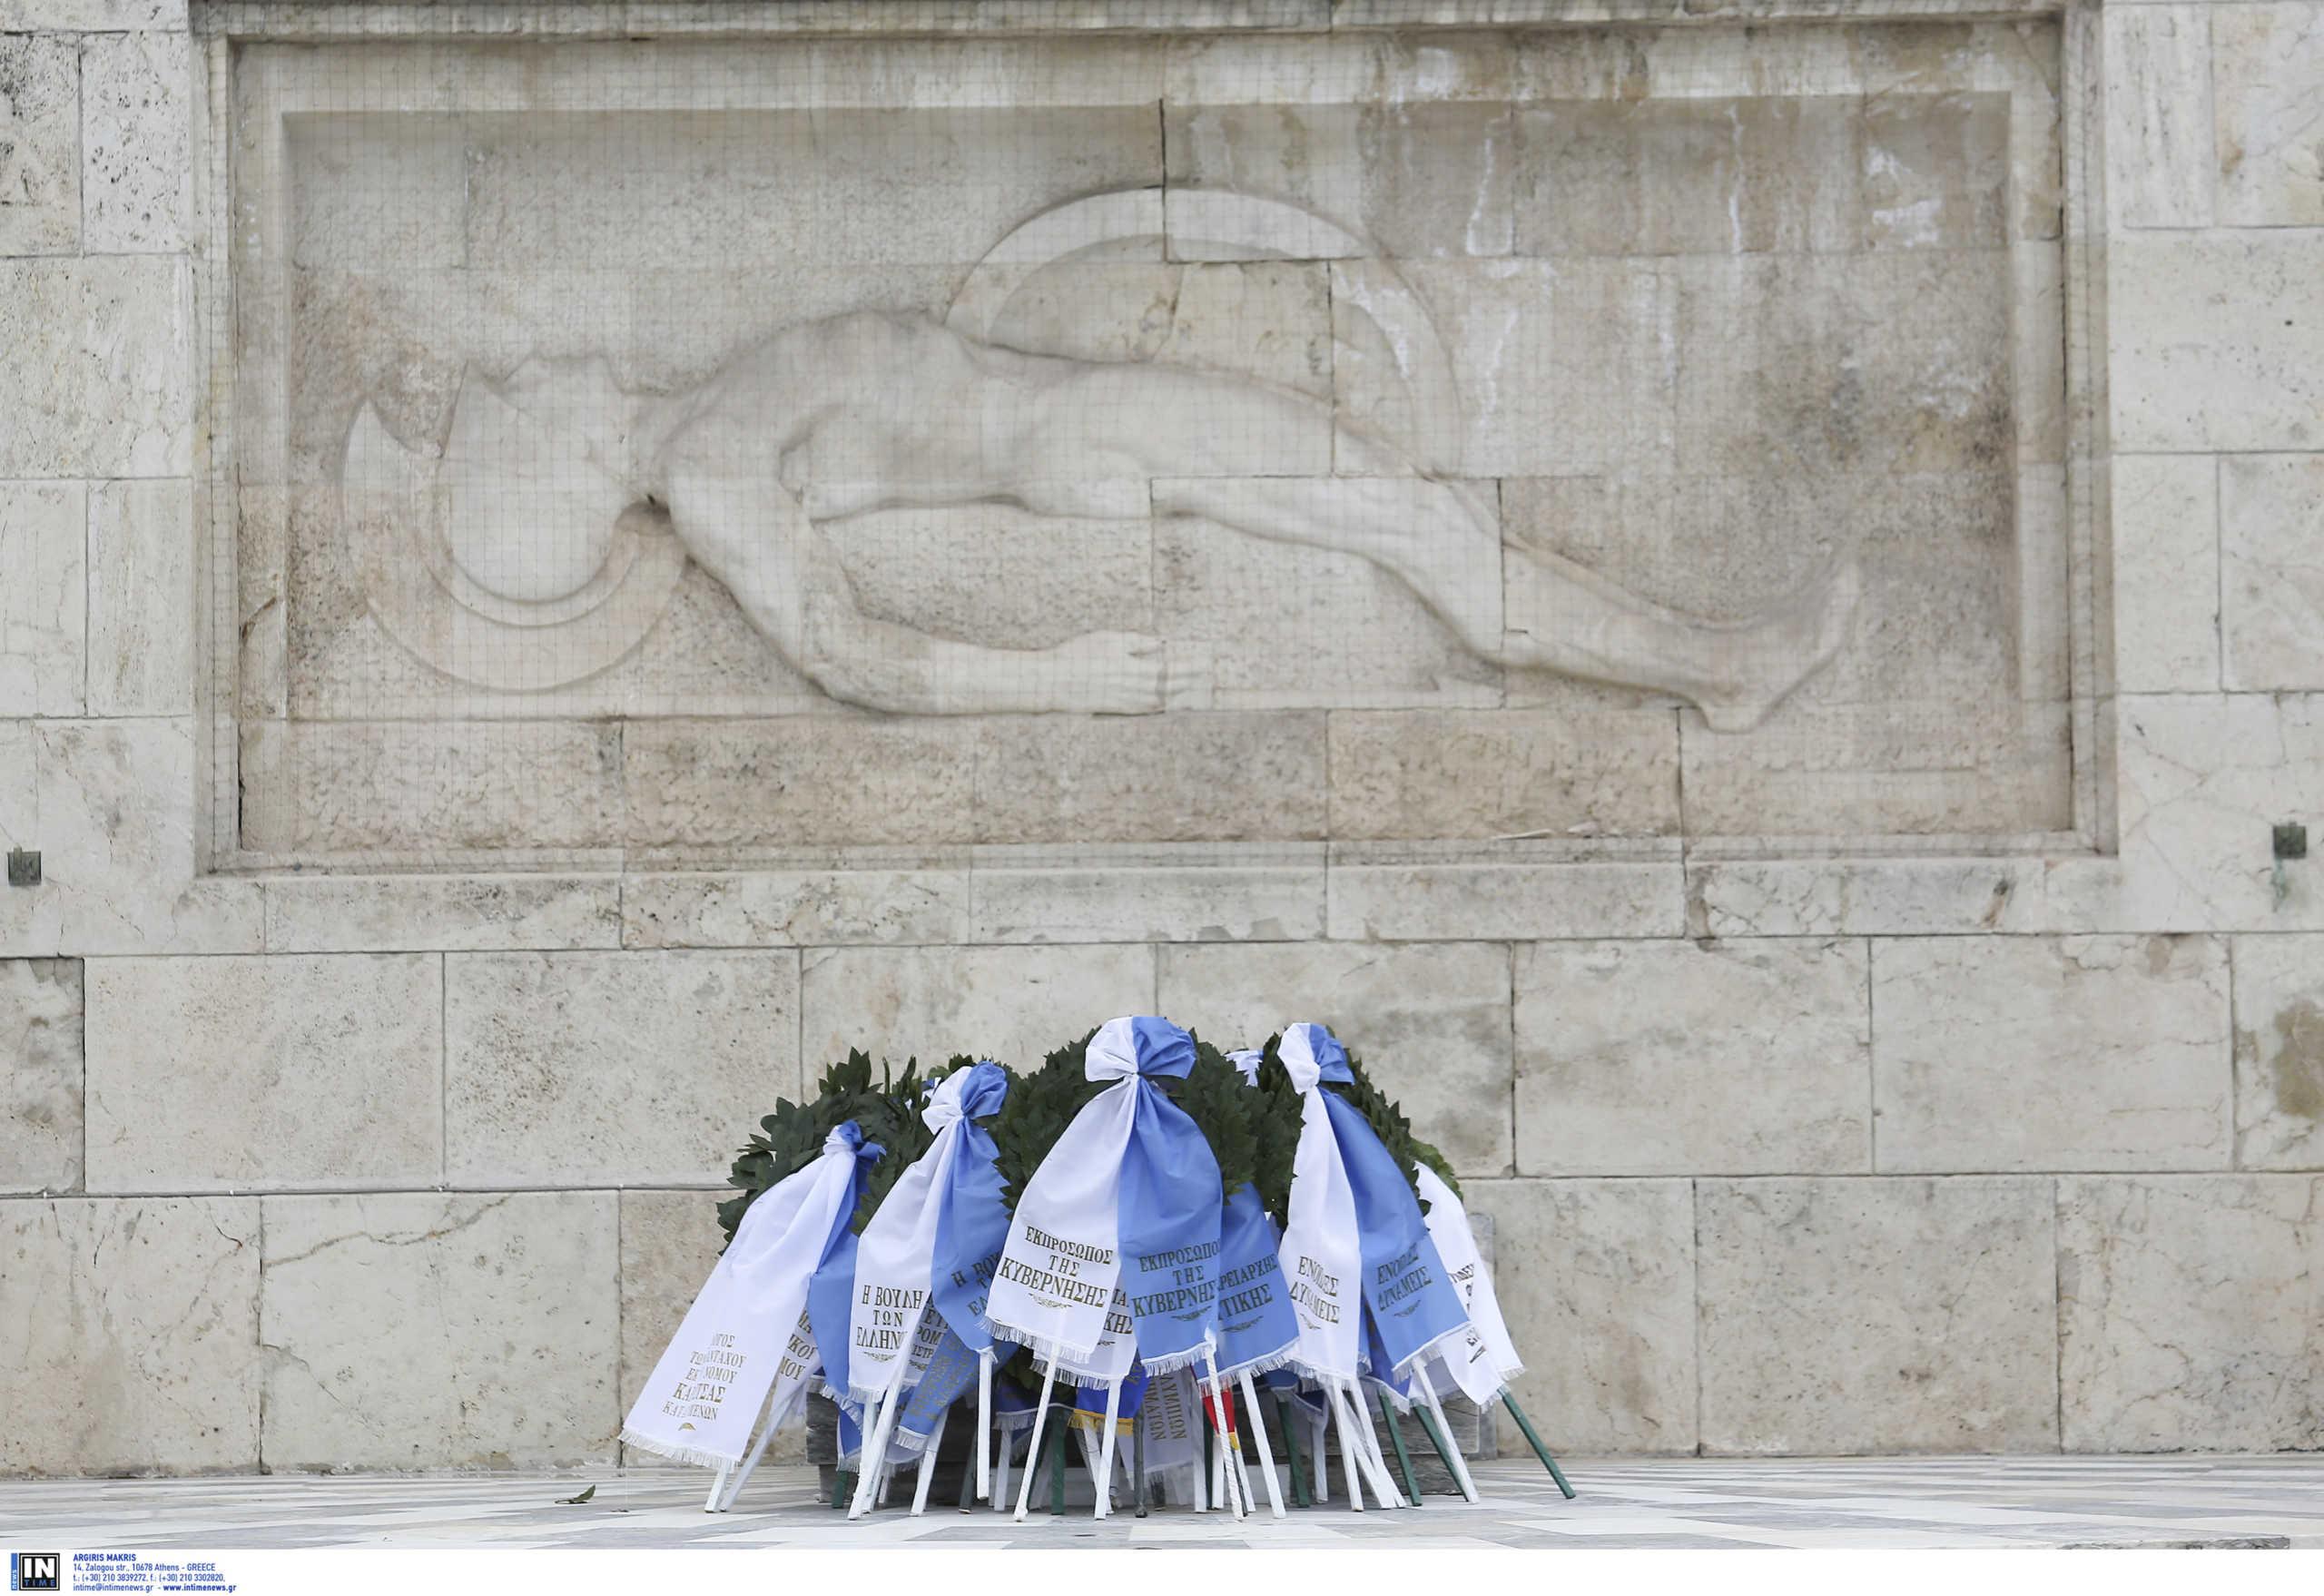 Κορονοϊός και στην 25η Μαρτίου: Μόνο κατάθεση στεφάνων από πολιτική και πολιτειακή ηγεσία